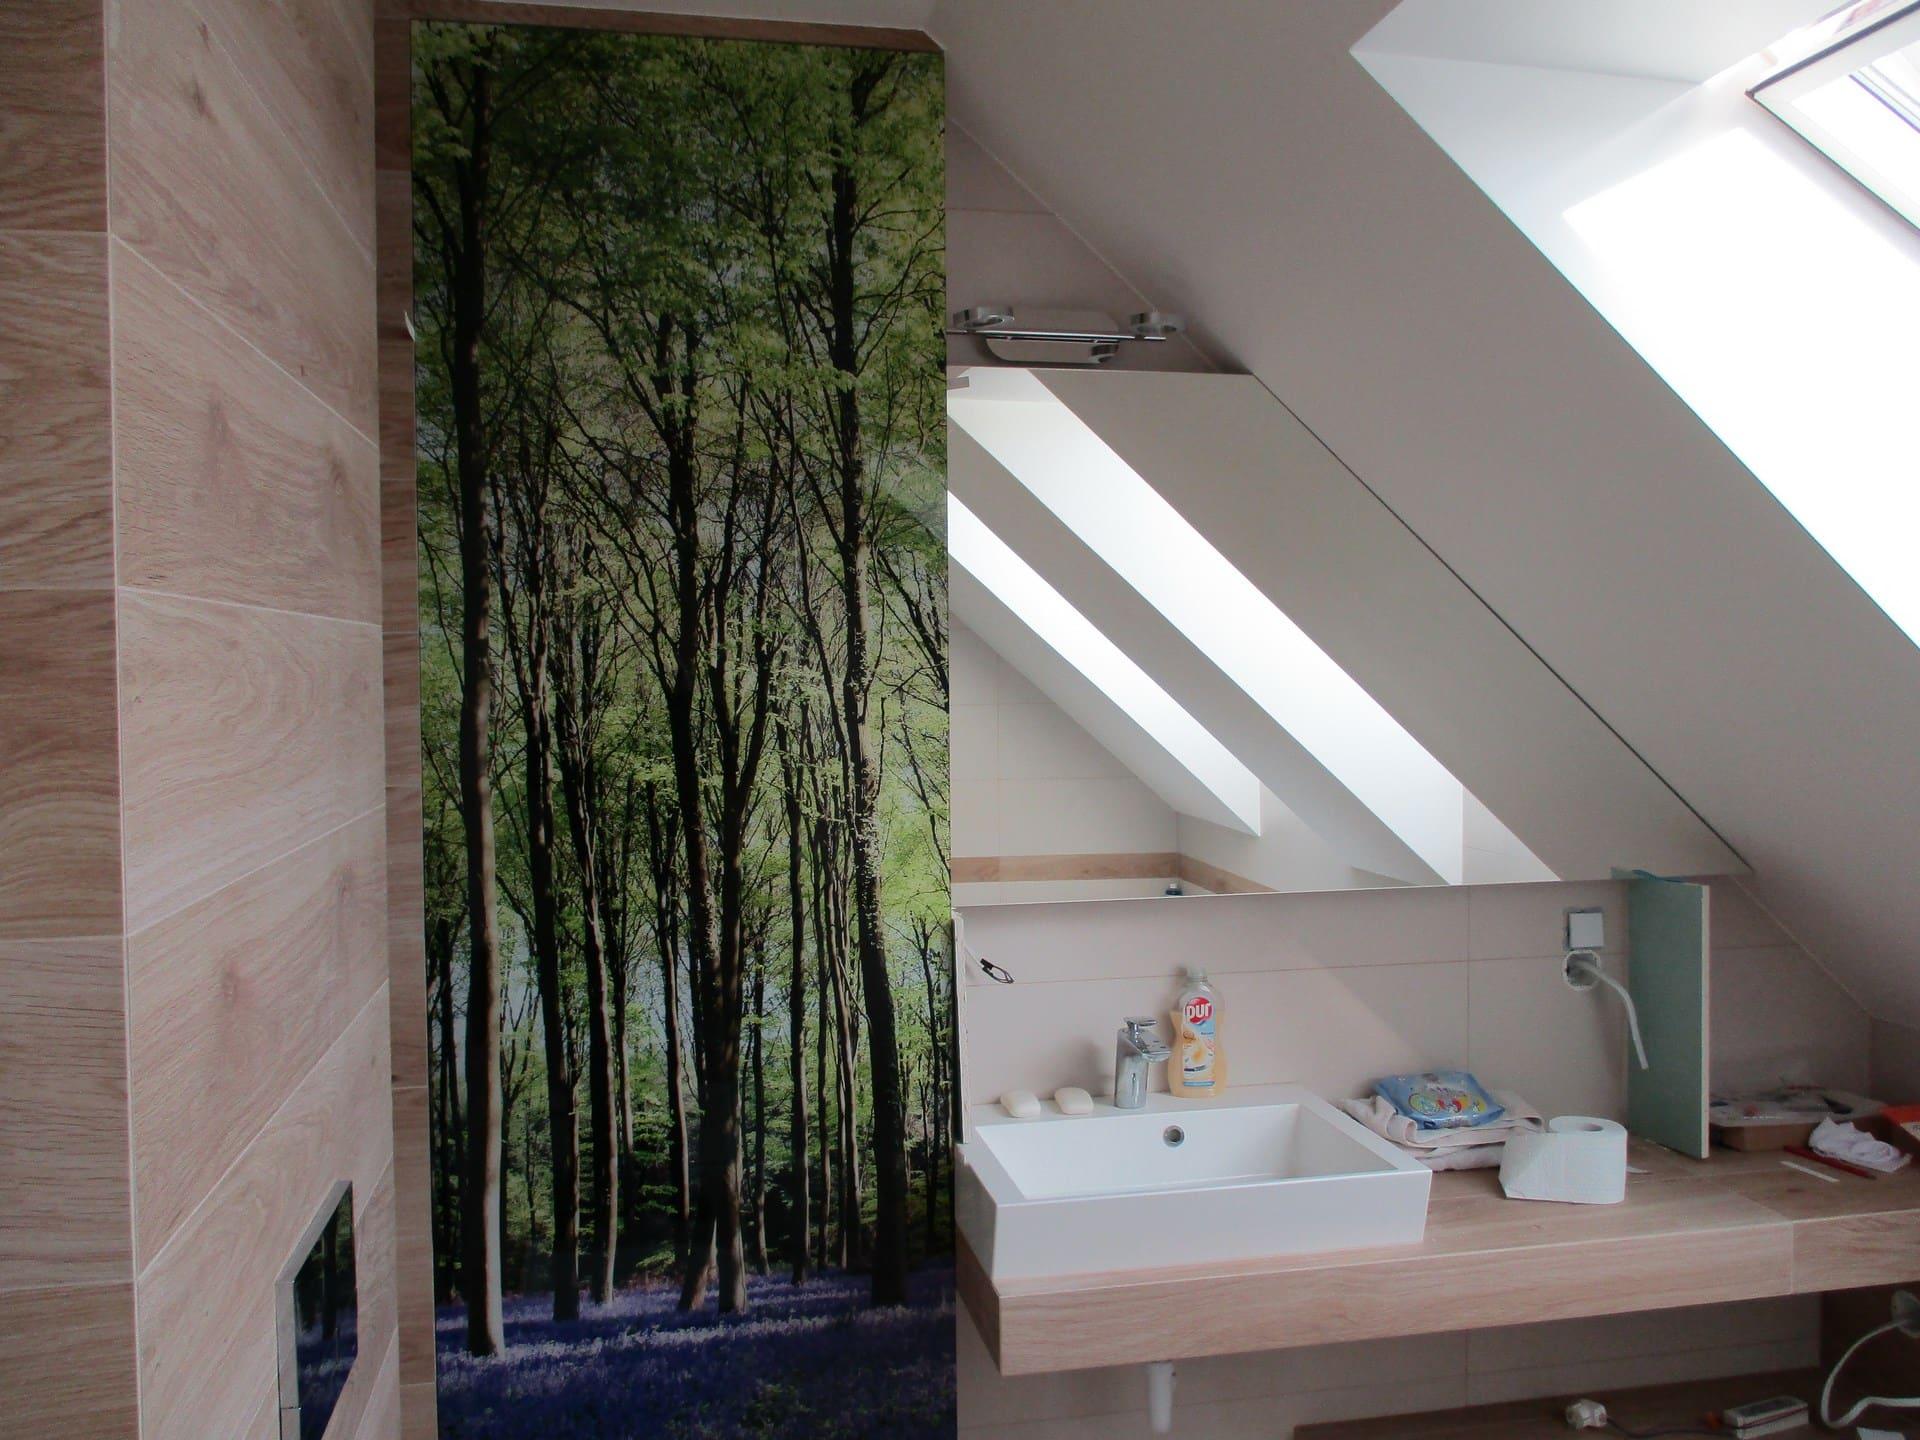 lustro narożne w łazience